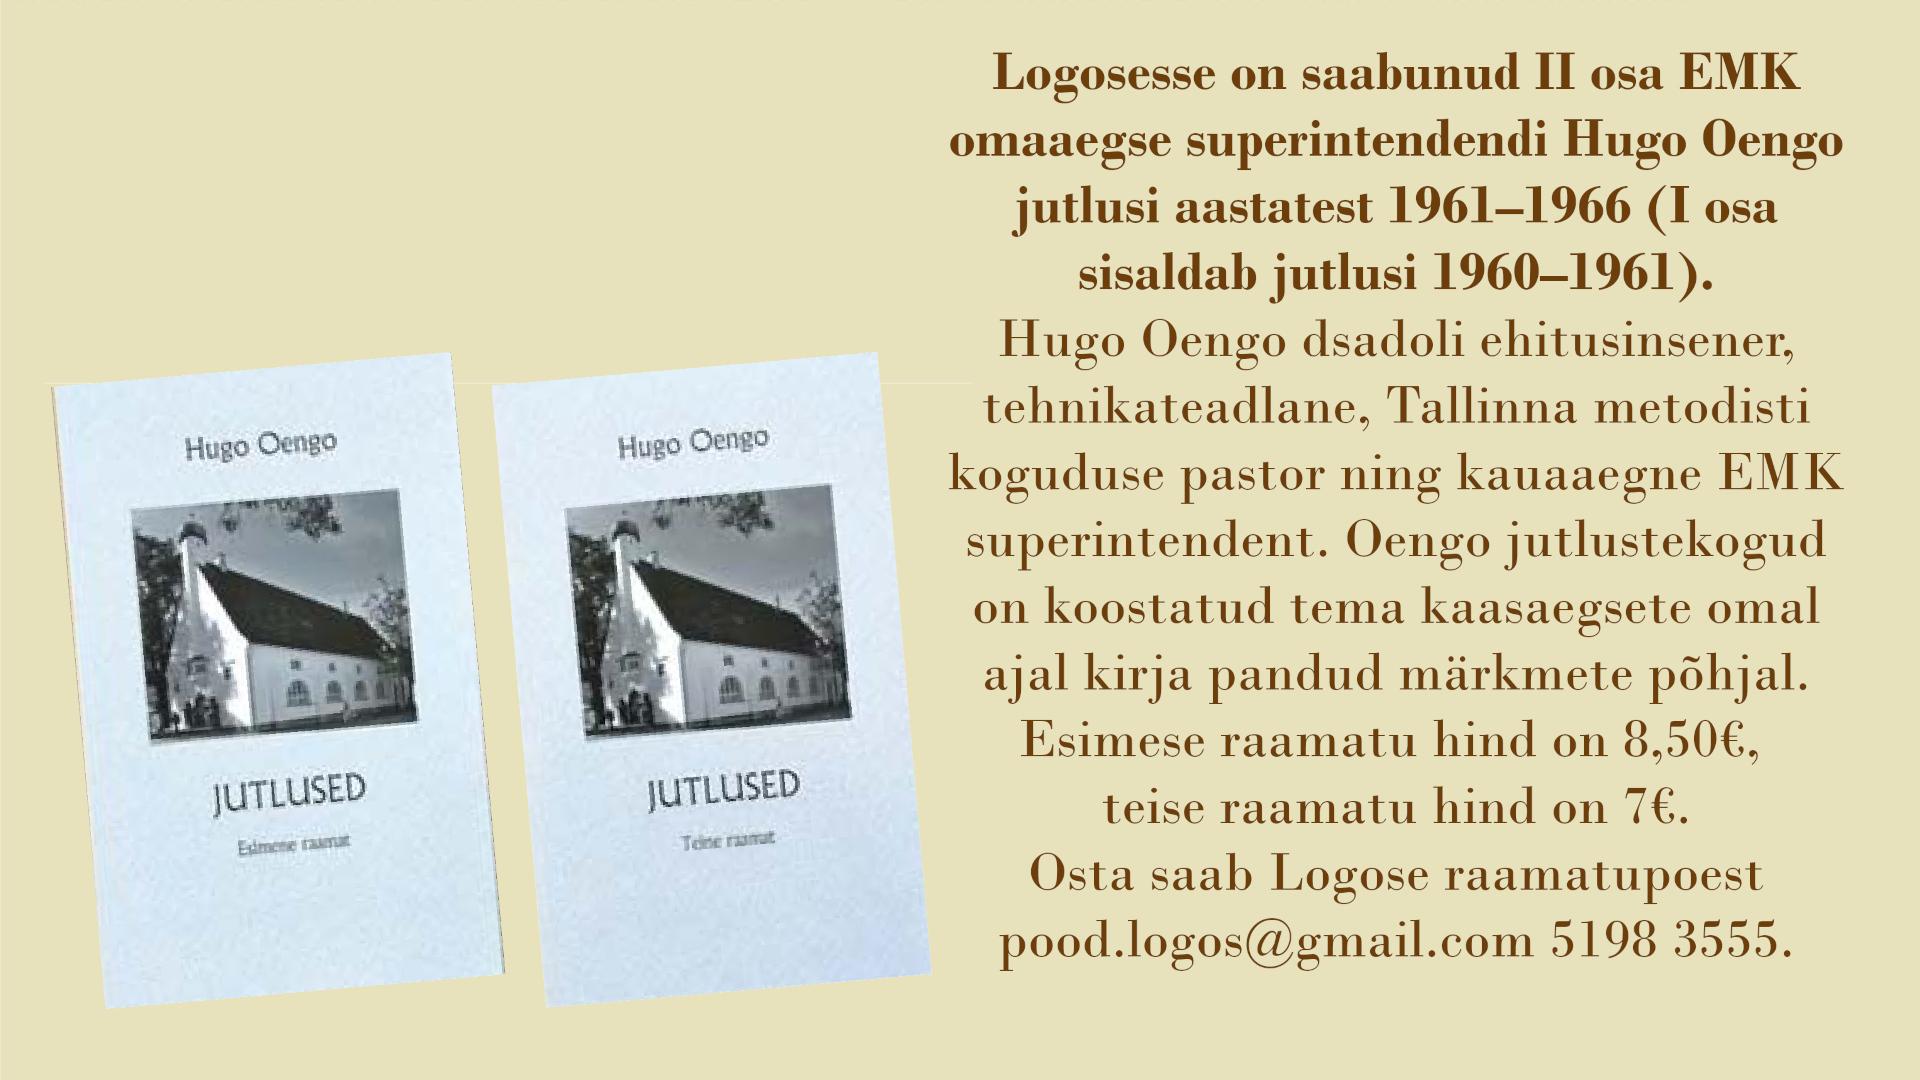 Hugo Oengo jutluste kogu logoses